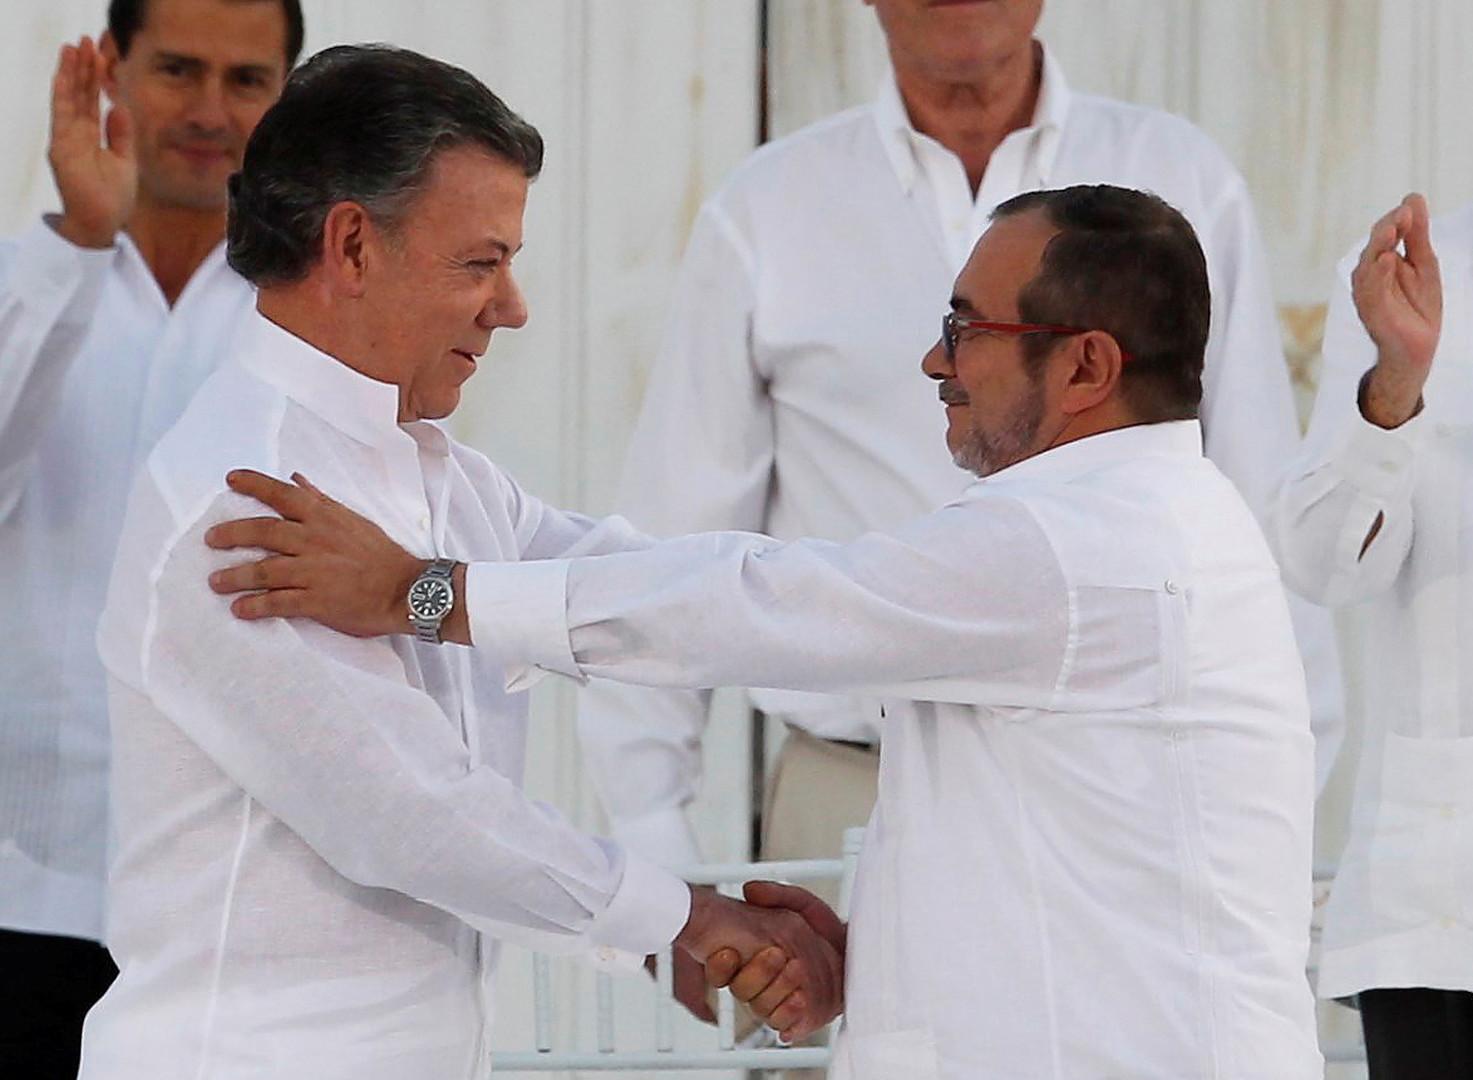 """Der kolumbianische Präsident Juan Manuel Santos (links) and FARC-Führer Timoleón Jiménez """"Timochenko"""" beim Handschlag zur Besiegelung des Friedensvertrages, Cartagena, Kolumbien, September 26, 2016."""